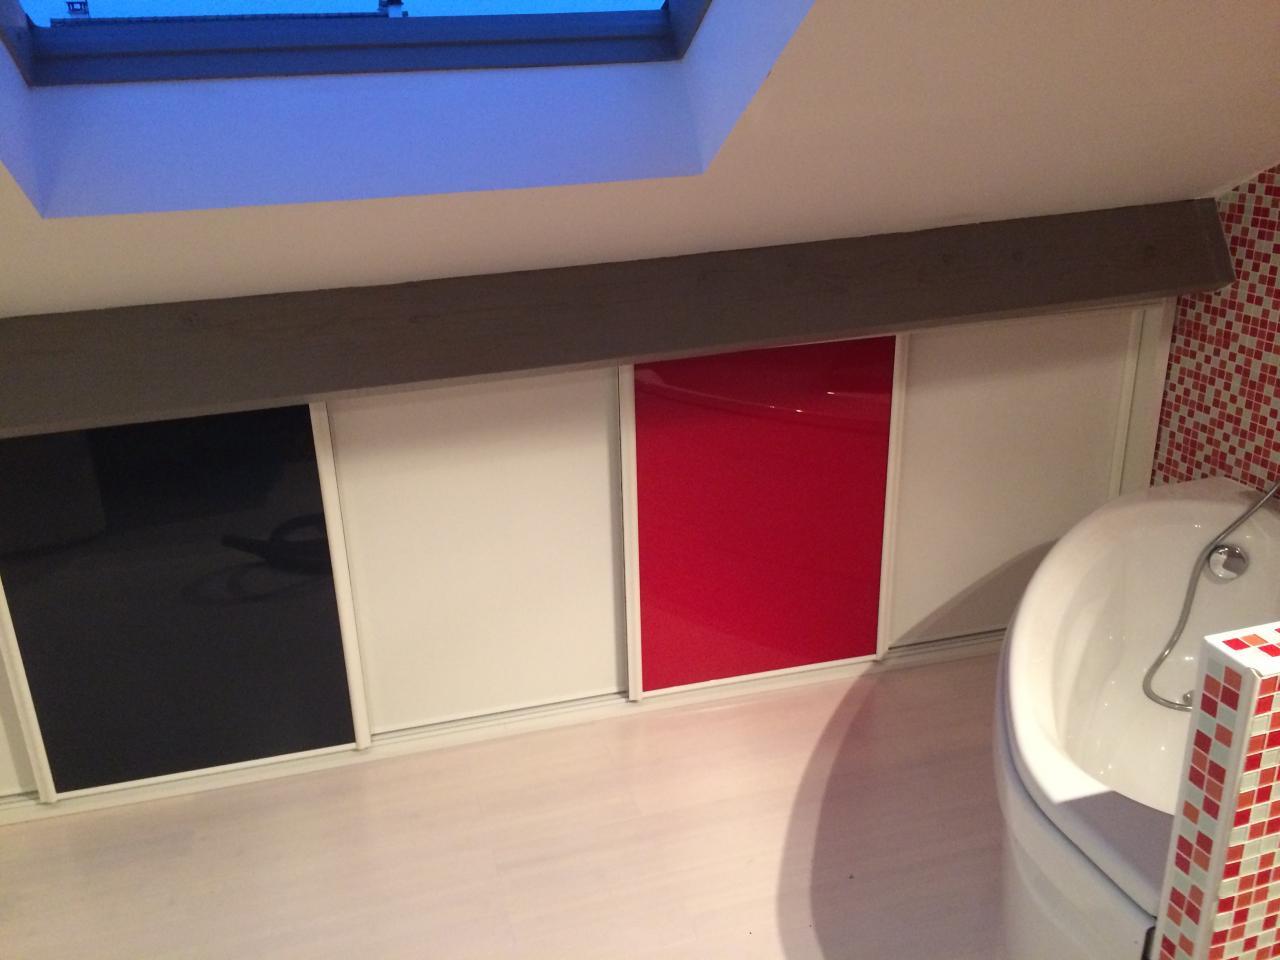 3 blanc, 1 rouge, 1 noire